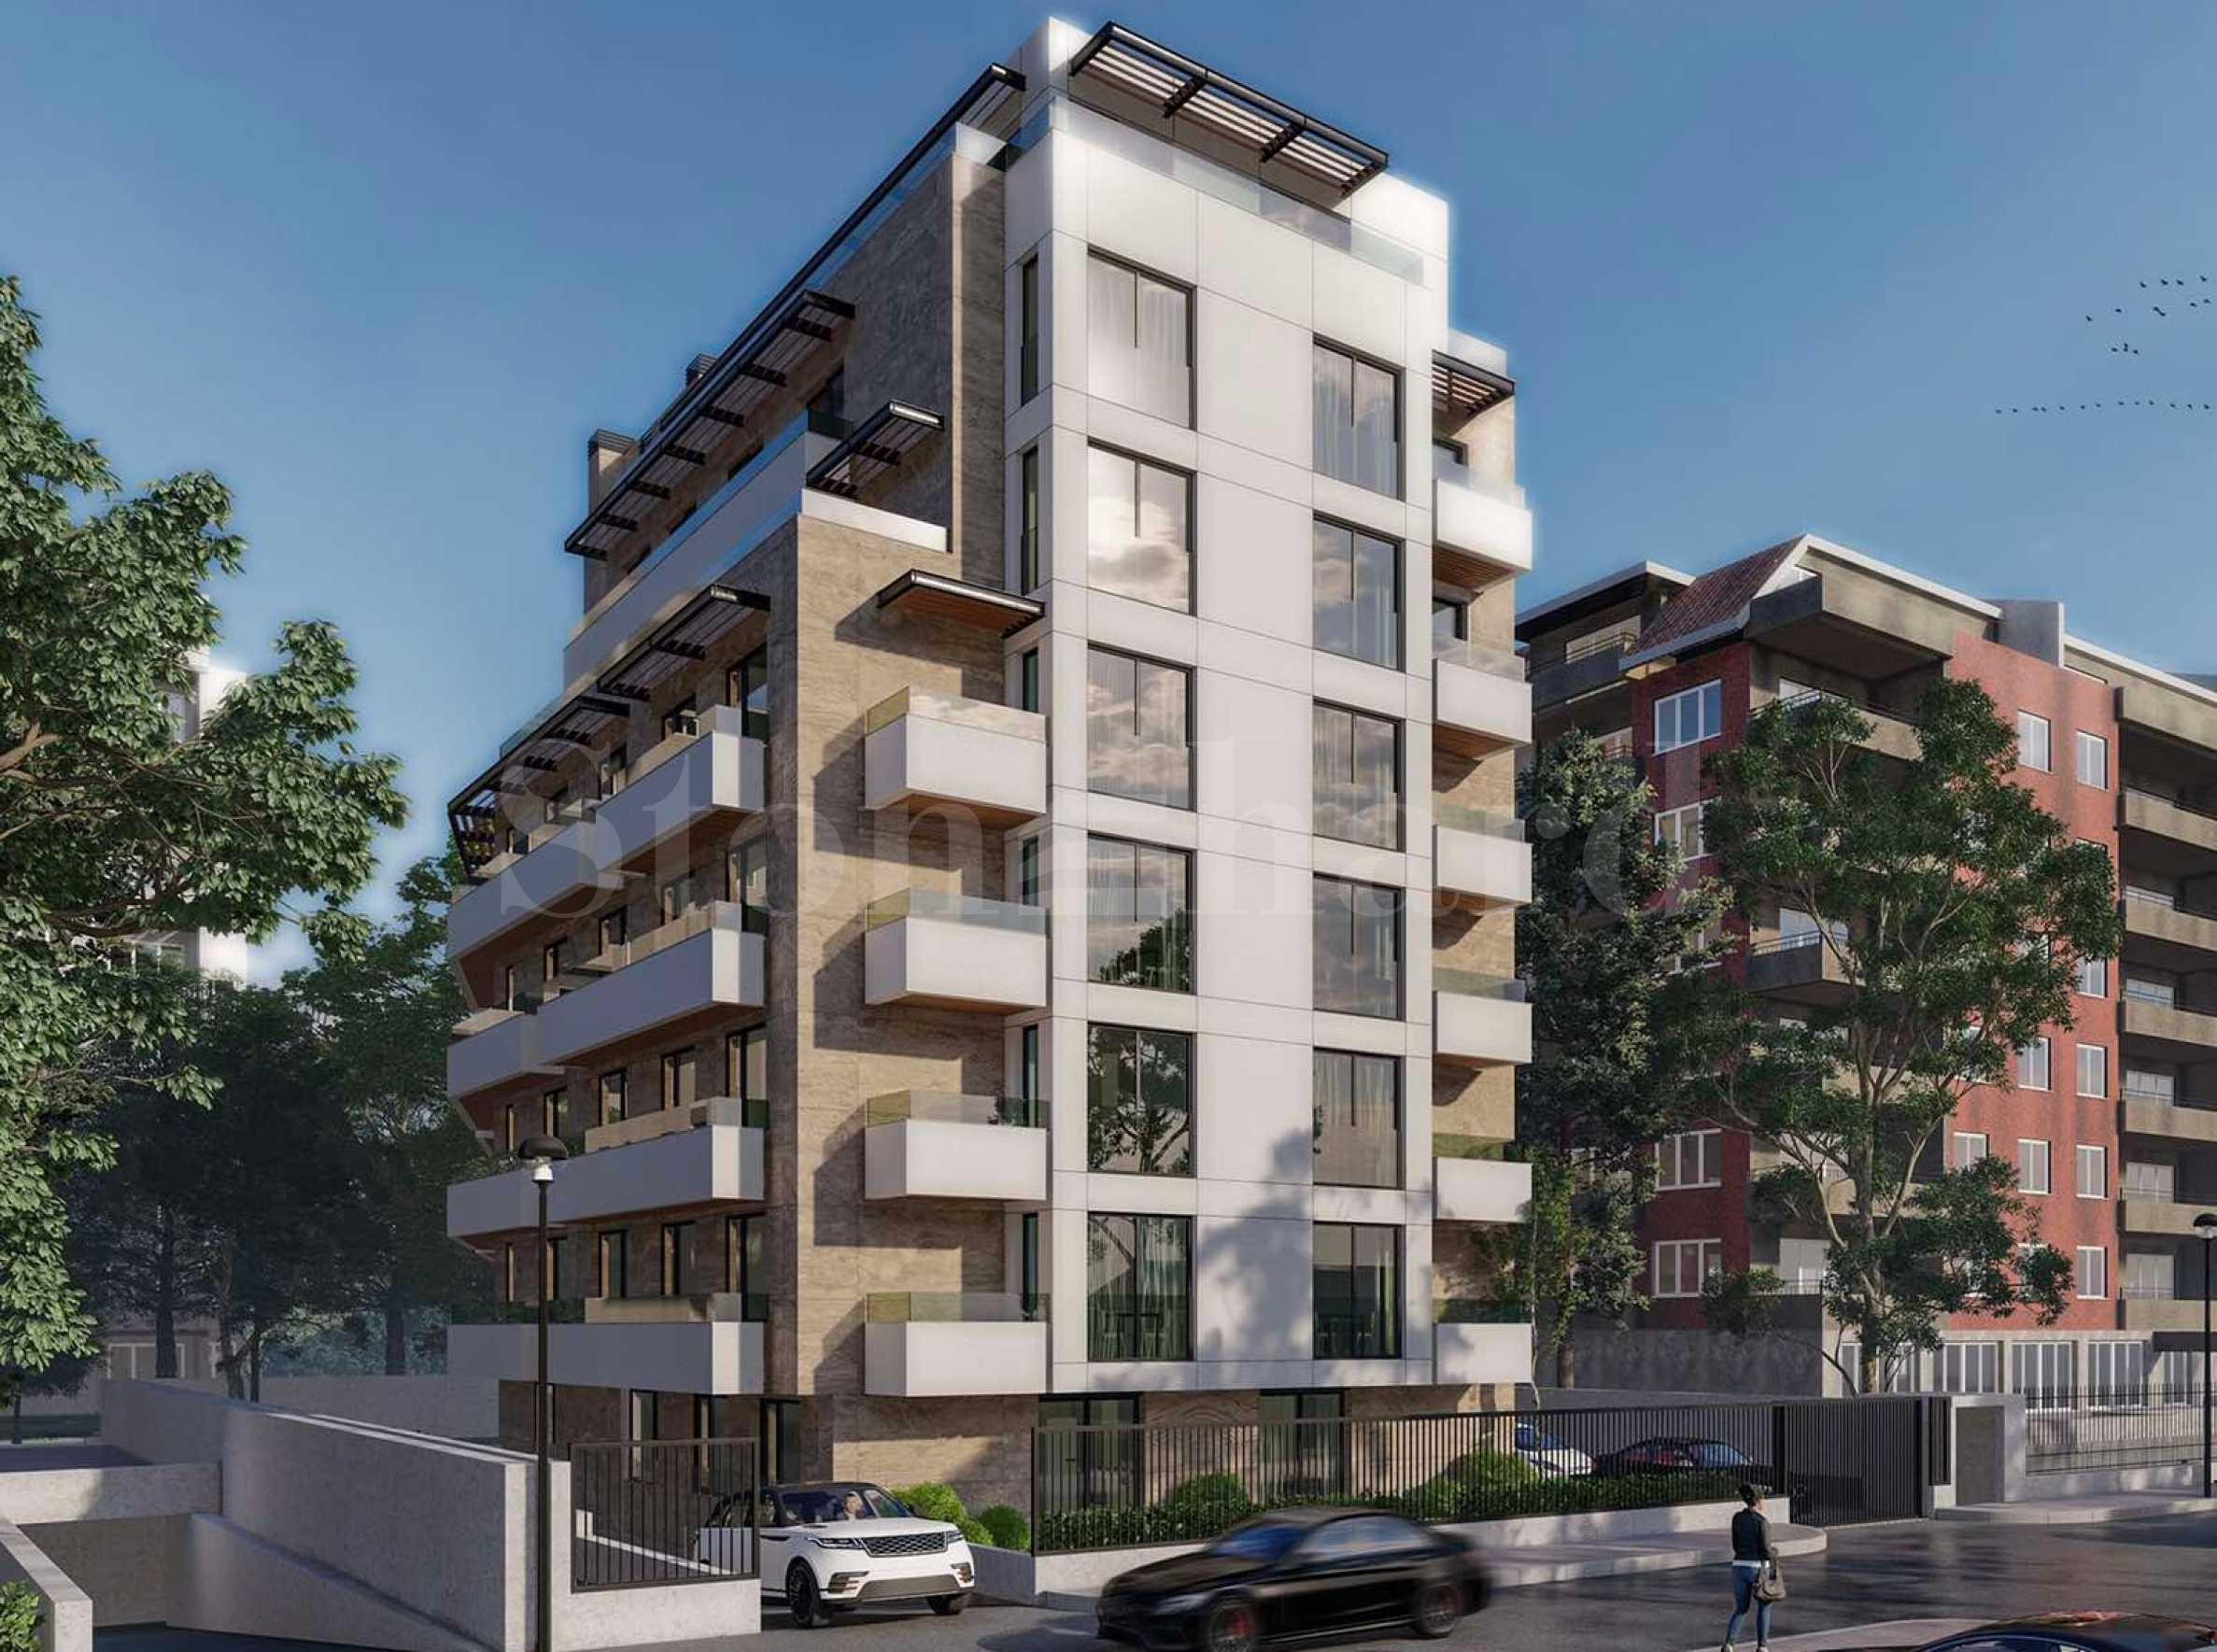 Новострояща се жилищна сграда в кв. Изгрев1 - Stonehard